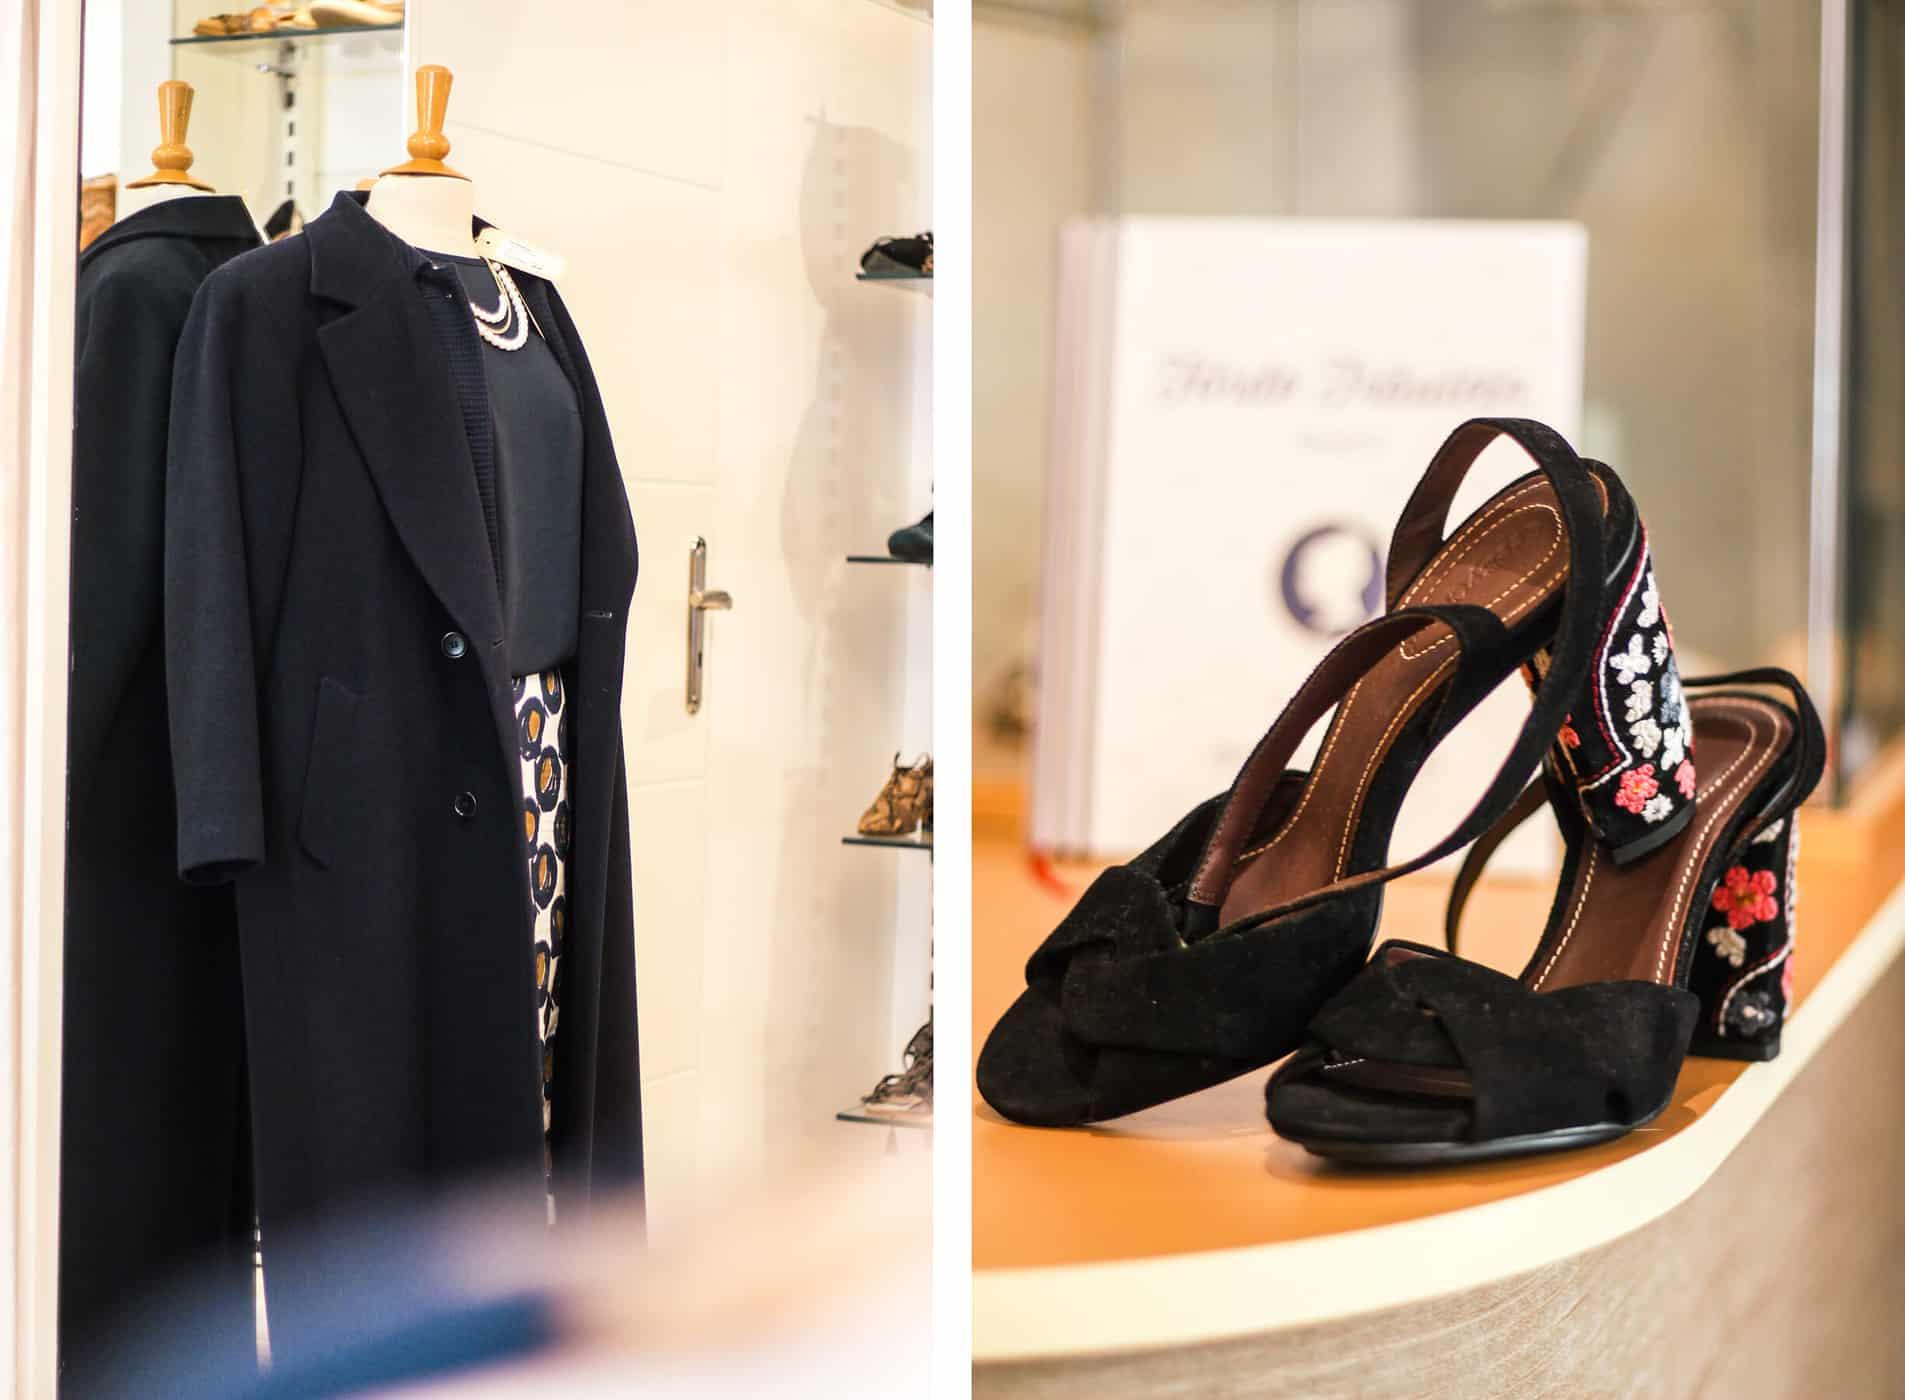 Die schönsten Second Hand Läden in Kiel: ProSeco, Mantel Sandalen